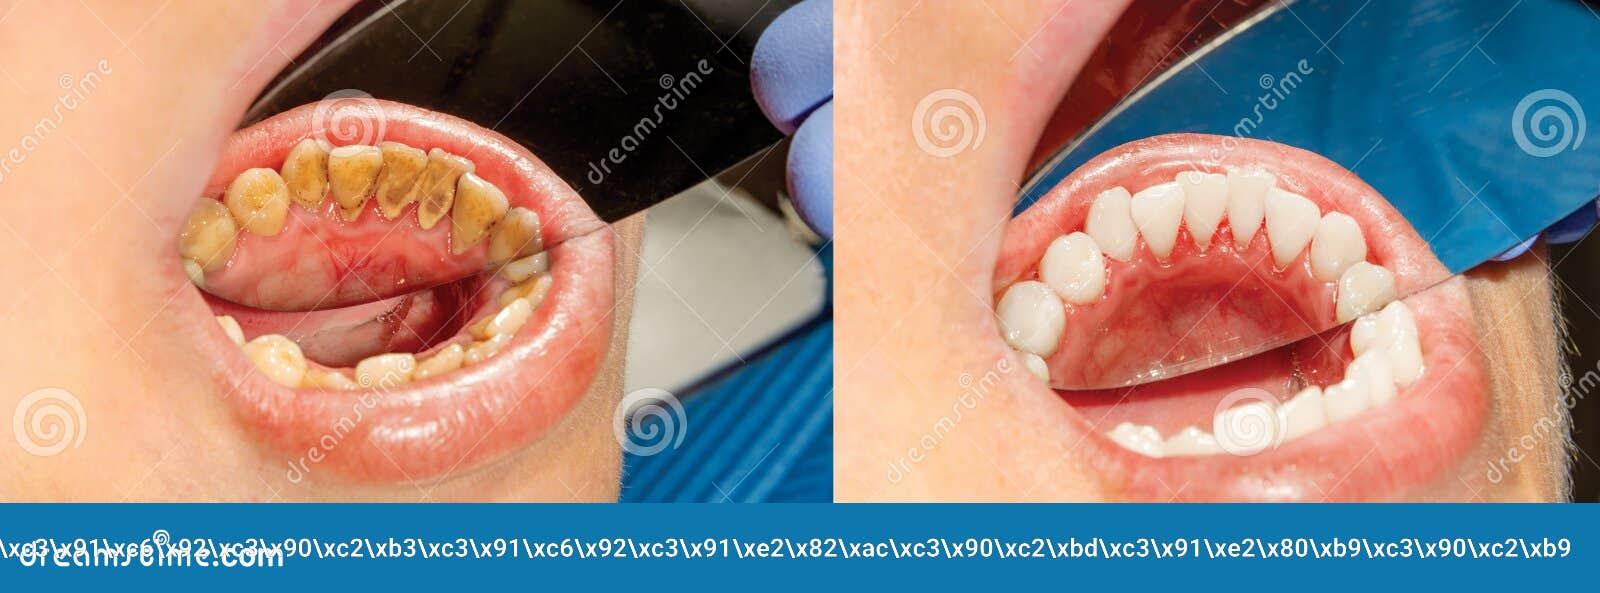 Chapa do paciente, pedra Tratamento da odontologia do plaq dental